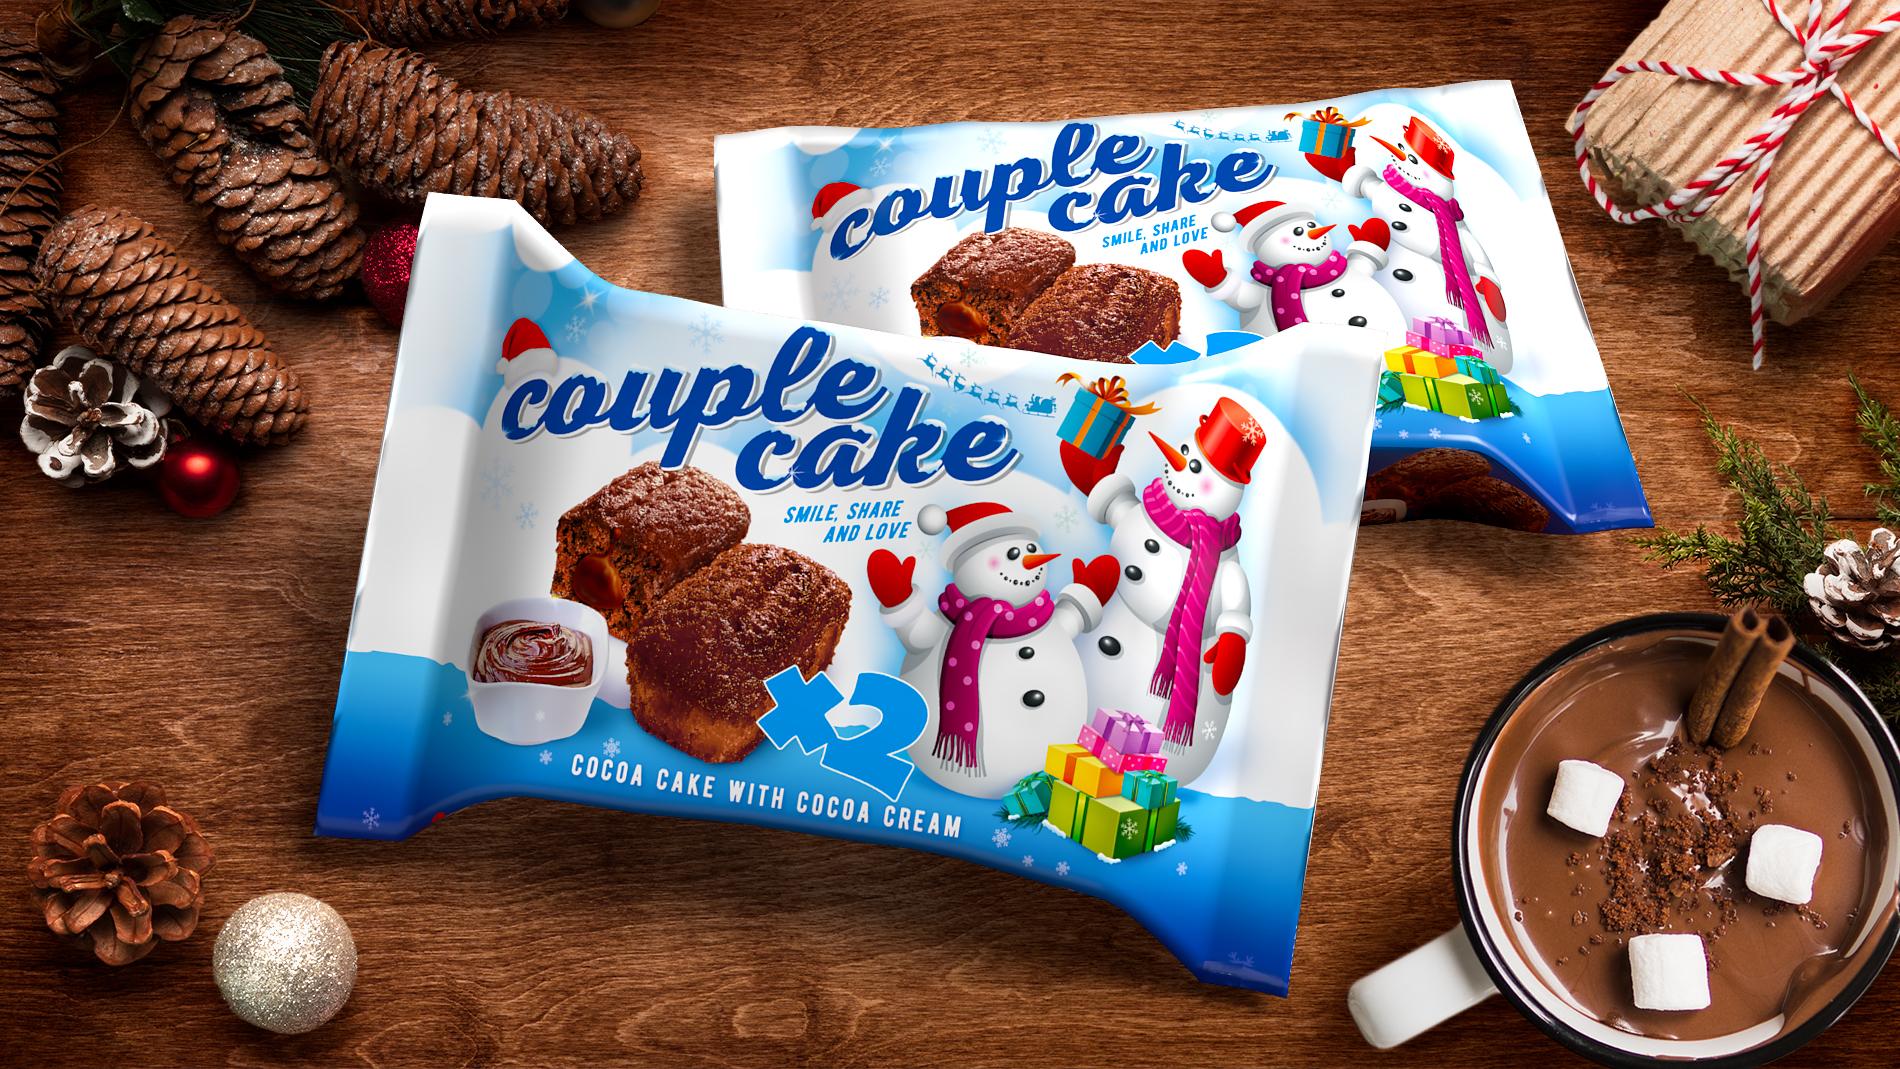 Couple cake Christmass edition